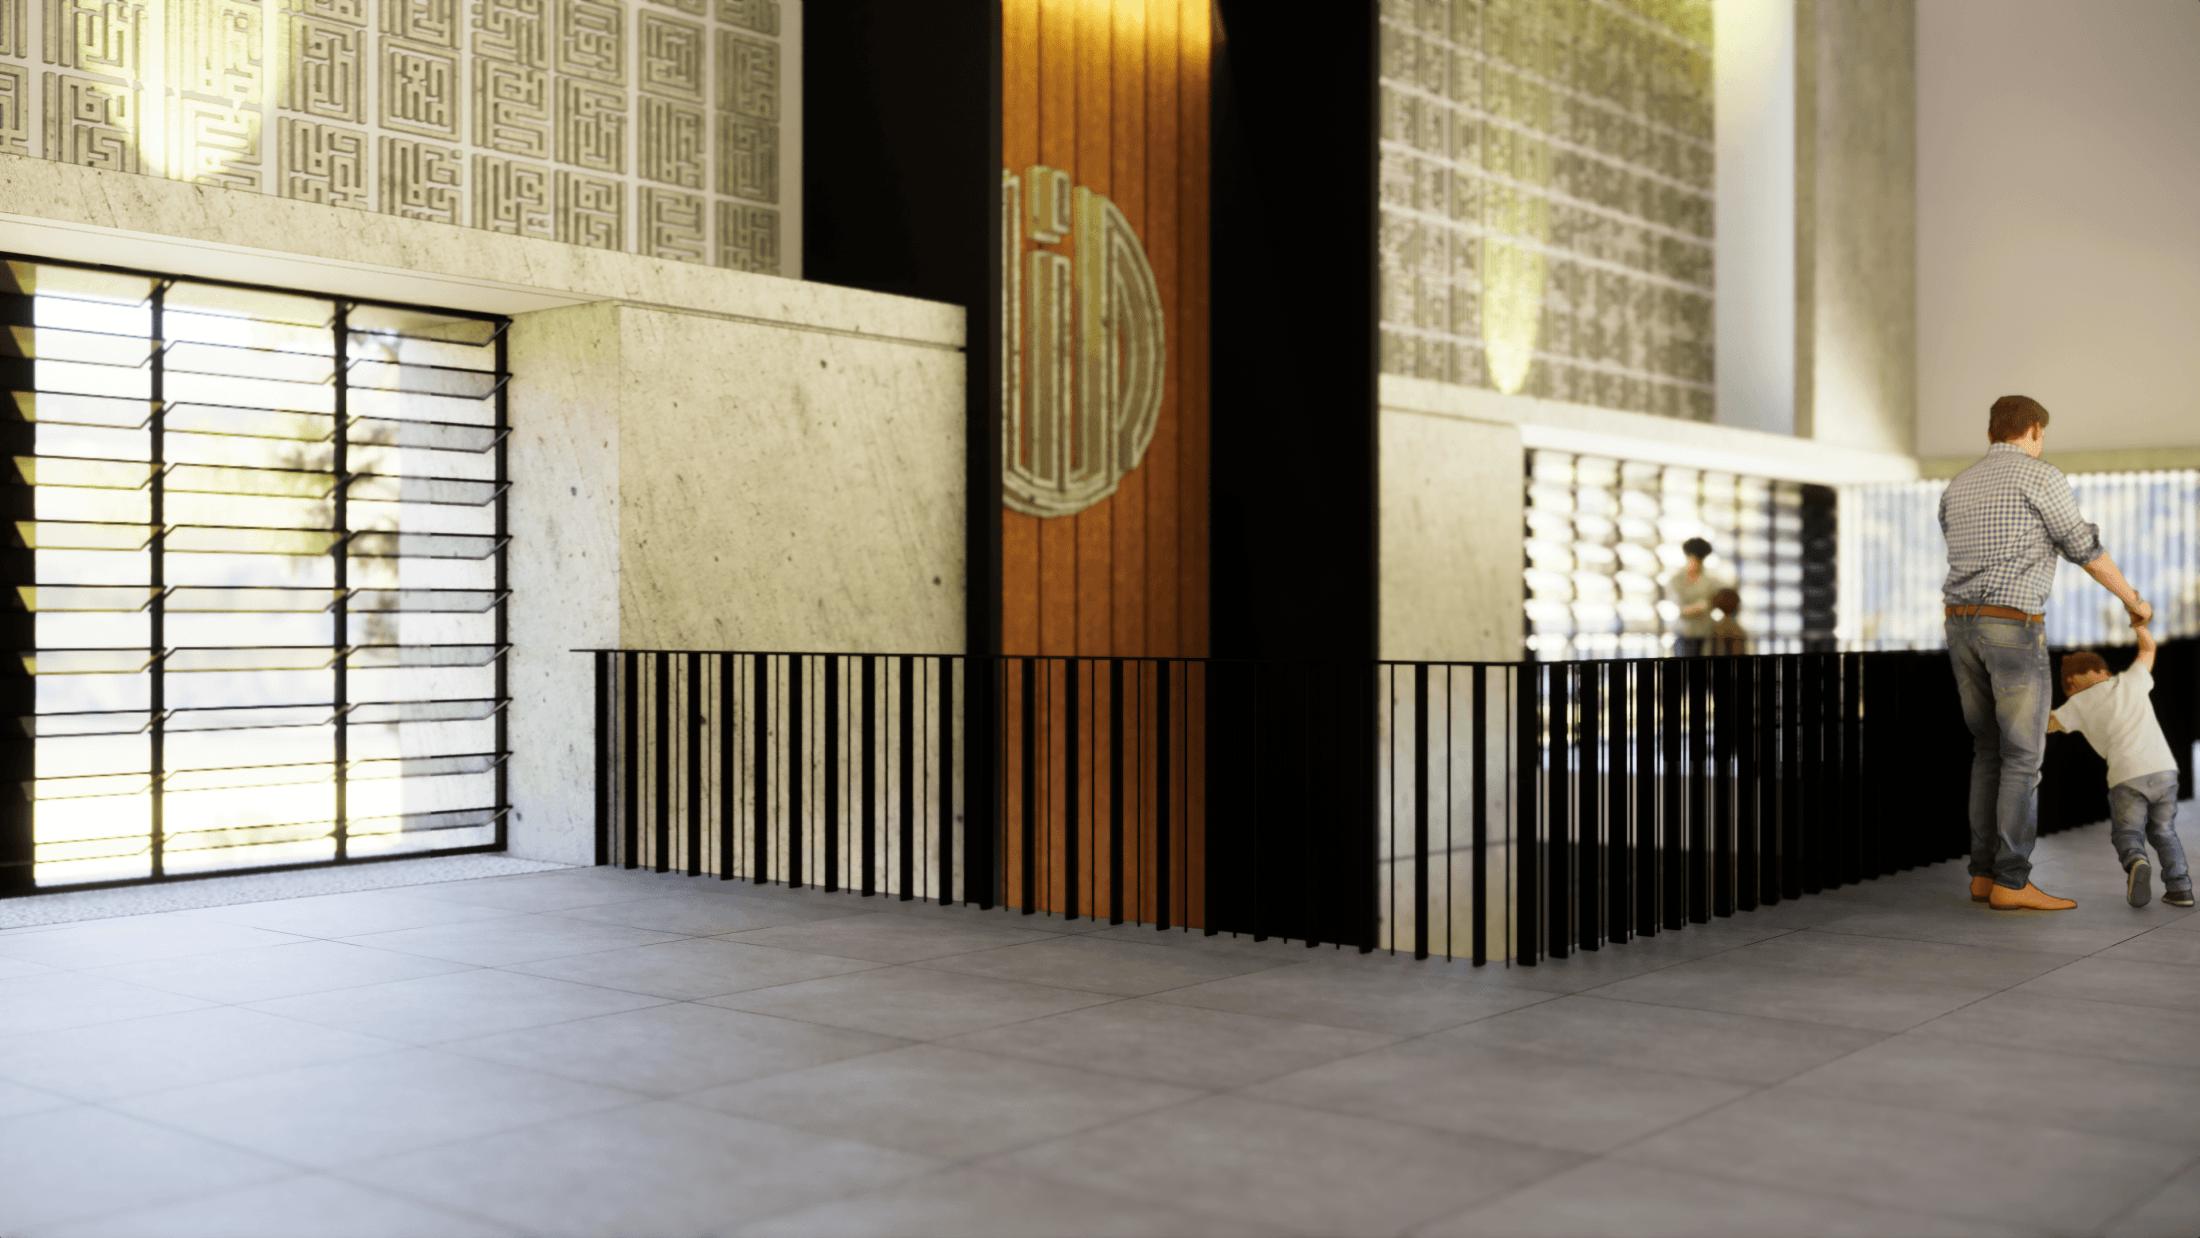 Arbatra Design Masjid Nganjuk Nganjuk, Kec. Nganjuk, Kabupaten Nganjuk, Jawa Timur, Indonesia Nganjuk, Kec. Nganjuk, Kabupaten Nganjuk, Jawa Timur, Indonesia Arbatra-Design-Masjid-Nganjuk  121392